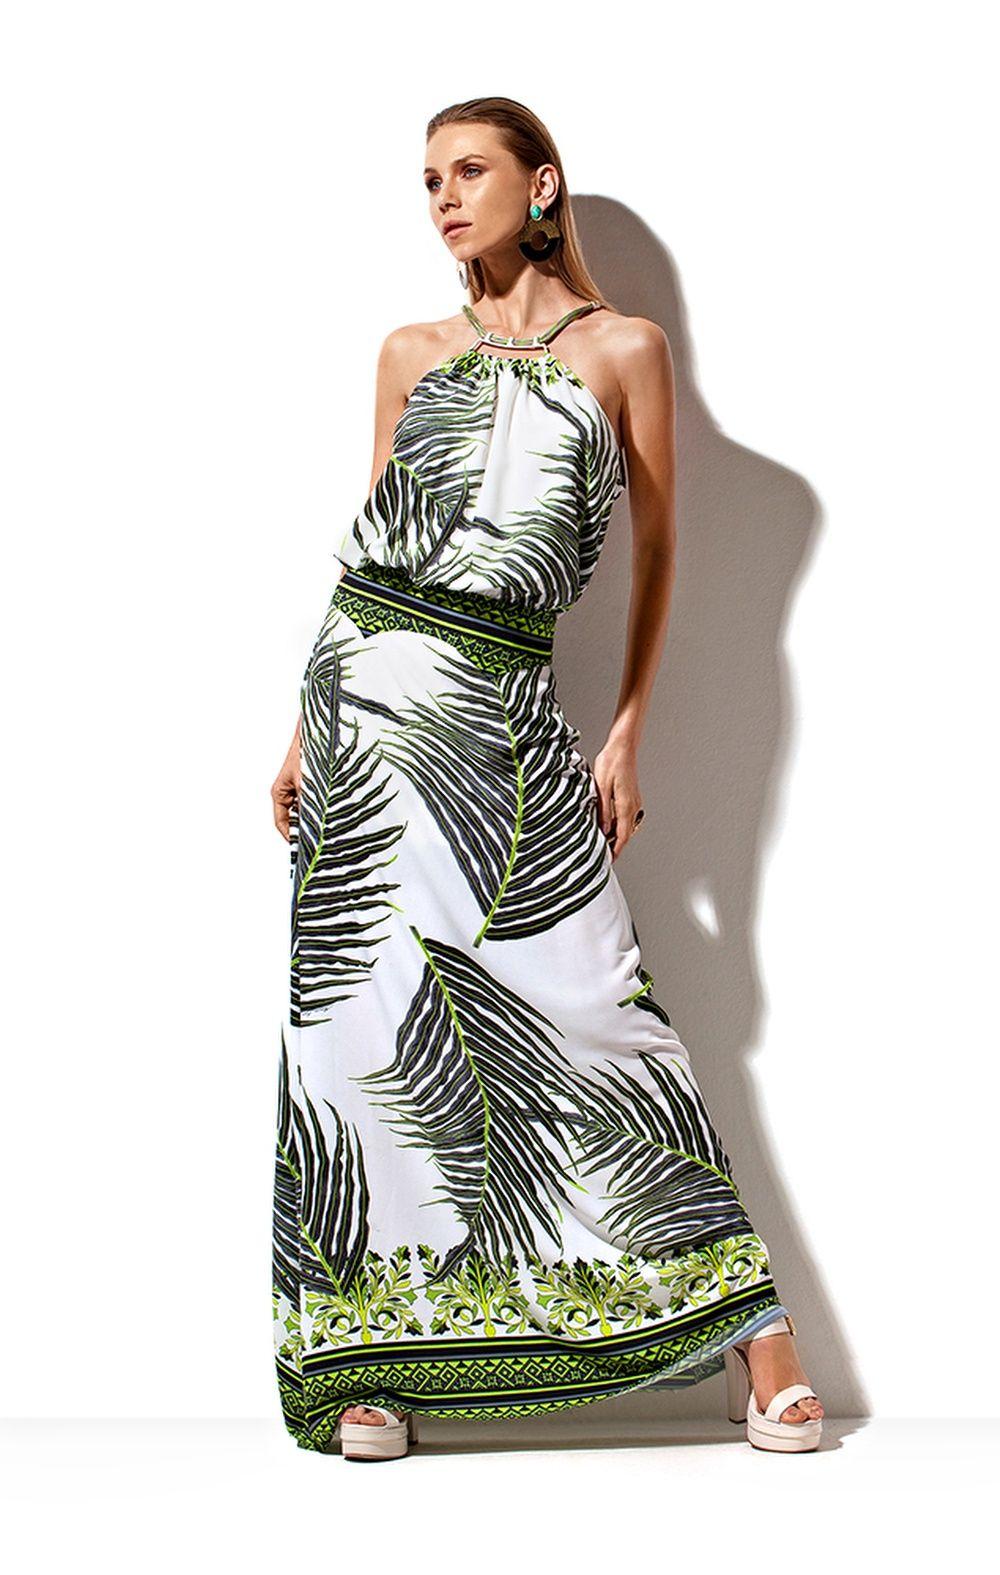 7b57fbbdf Vestido Longo Detalhe Metal Morena Rosa | verão 16 17 em 2019 ...